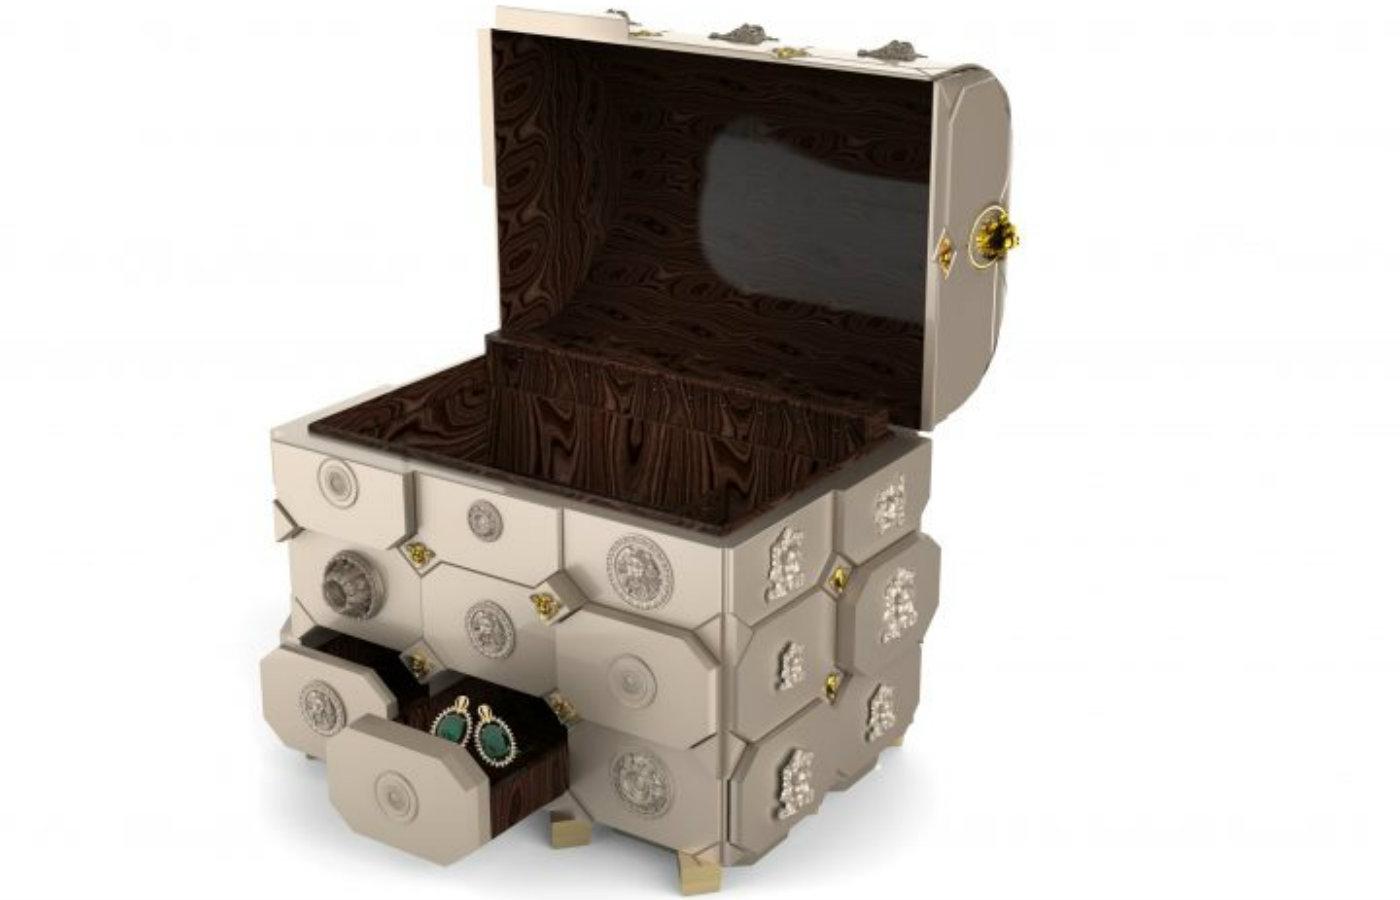 jewellery box Maharaja Luxury Jewellery Box by Boca do Lobo Maharaja Luxury Jewellery Box by Boca do Lobo3 720x531 1400x900